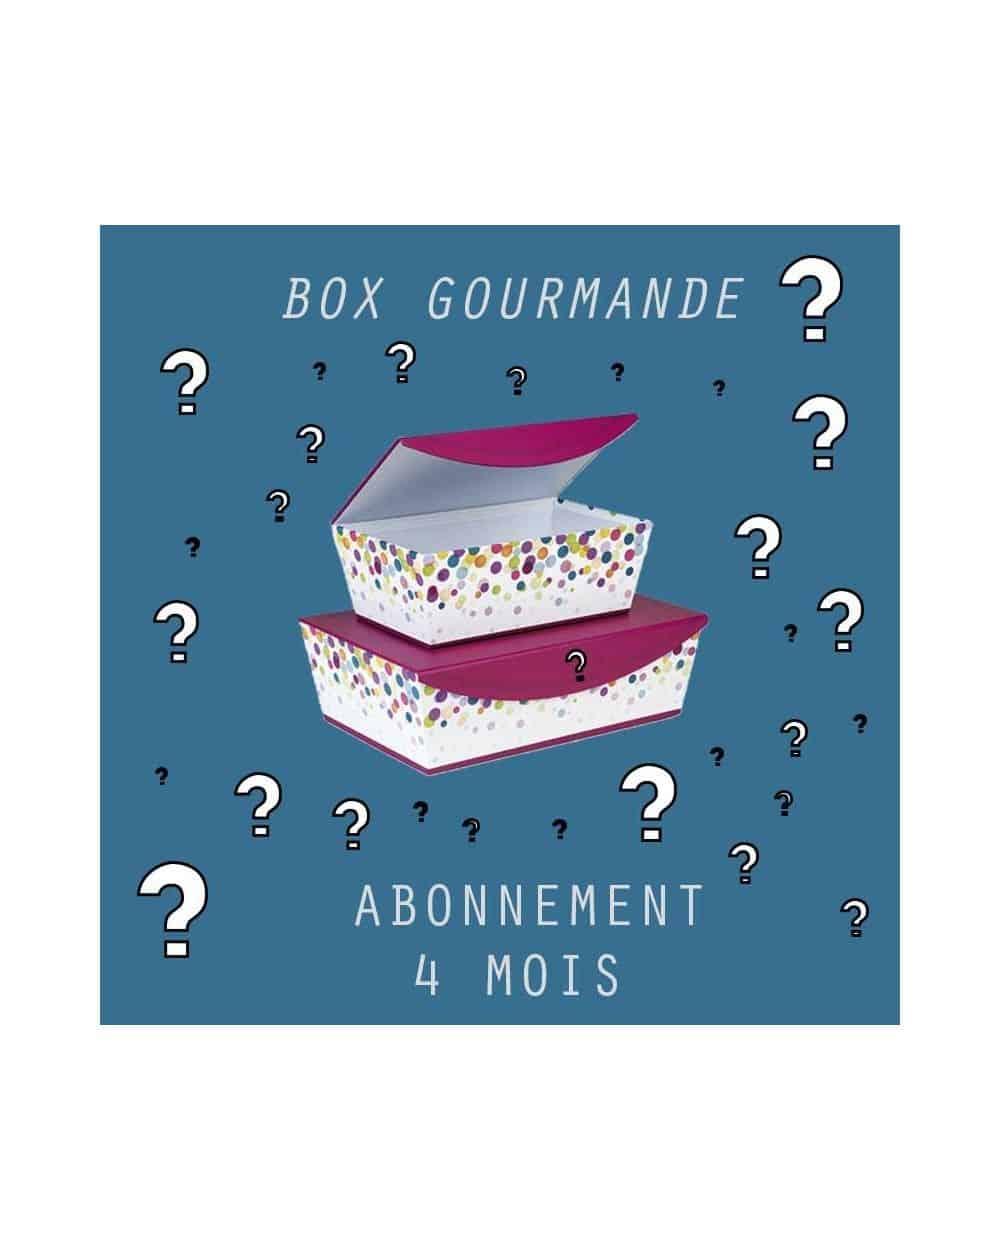 ABONNEMENT PETITE BOX GOURMANDE 4 mois